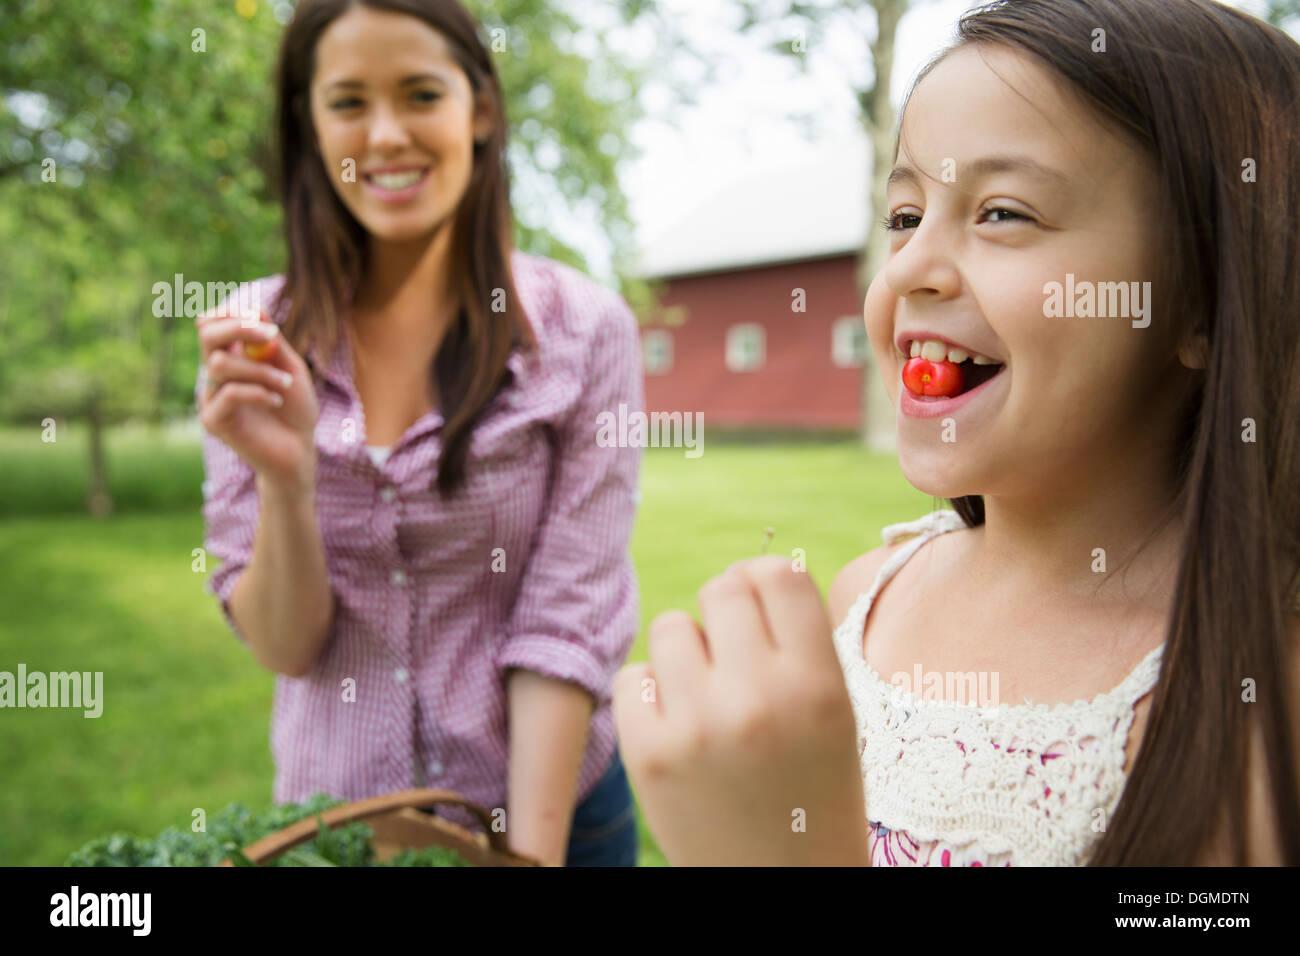 Partie de la famille. Un enfant avec un nouveau cherry entre ses dents. Une jeune femme la regarder et de rire. Photo Stock